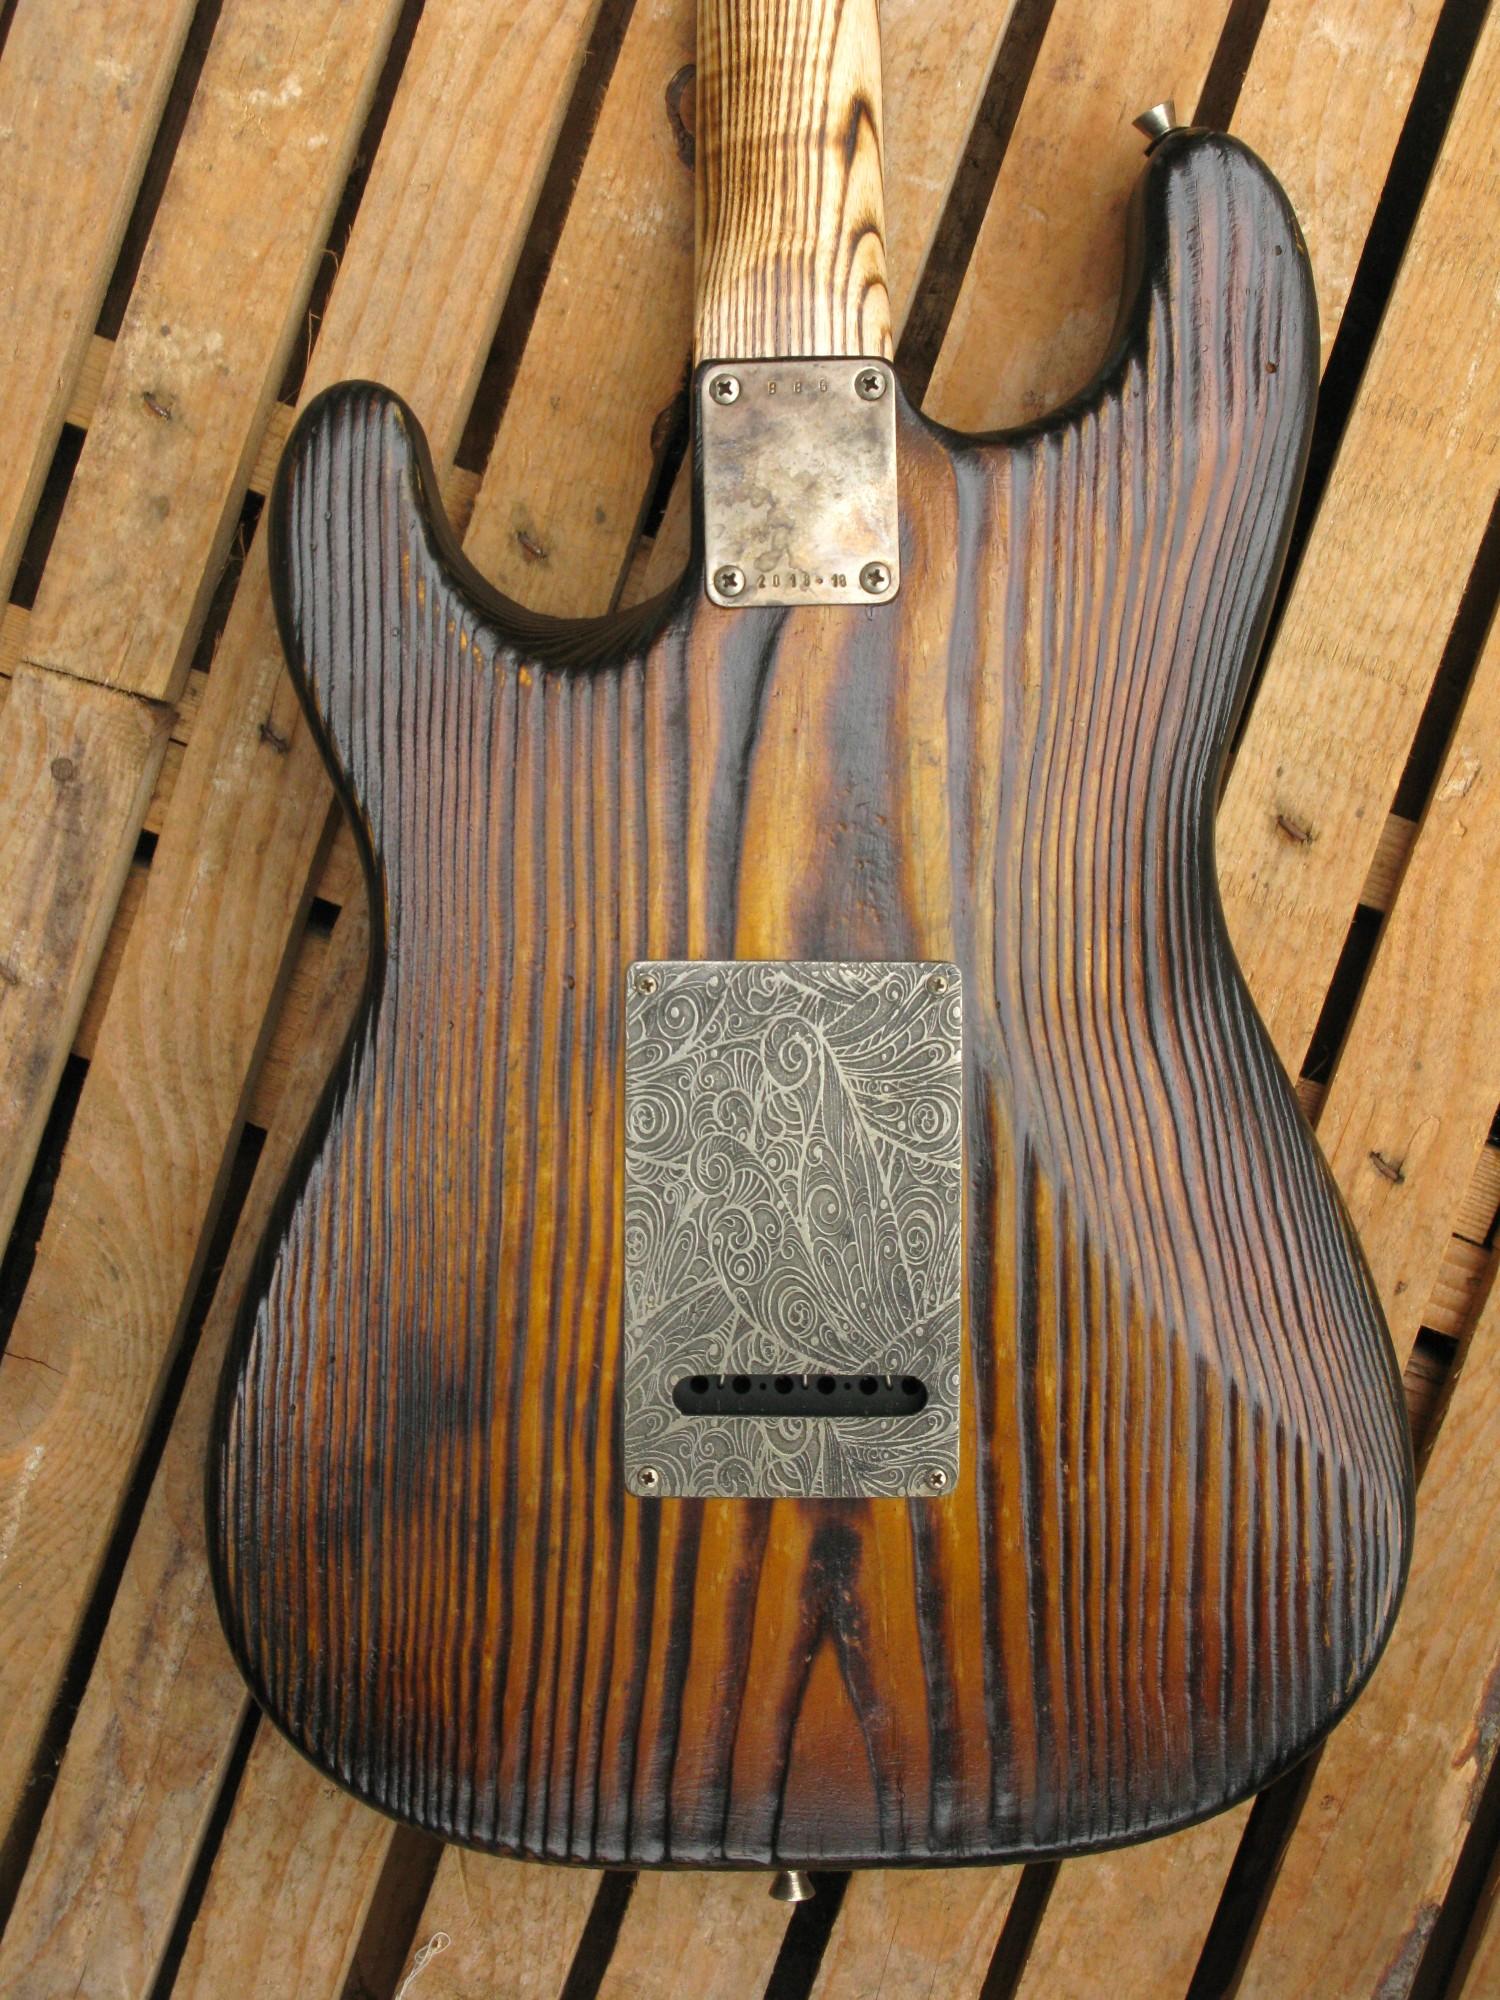 Retro del body di una Stratocaster in pino